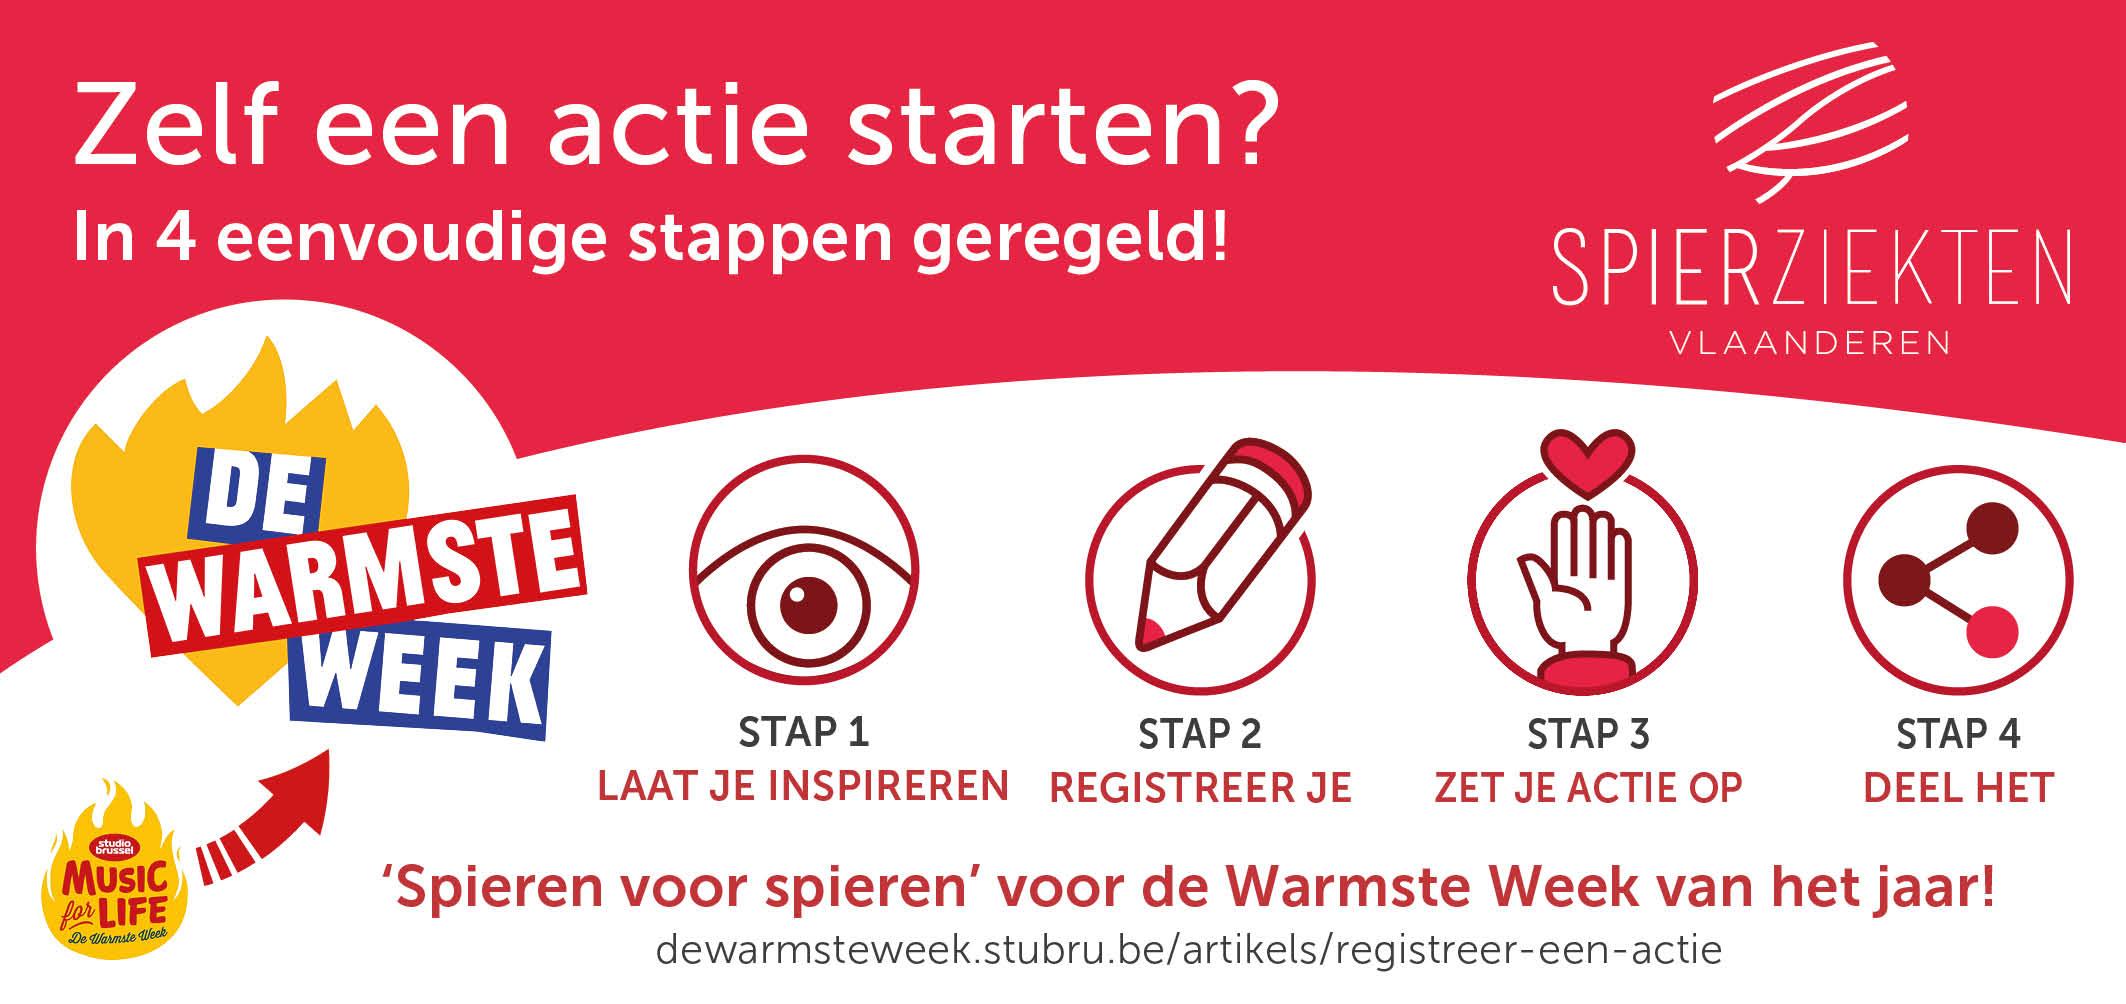 Actie-organiseren-Music-for-Life-4-stappen_Spierziekten-Vlaanderen2019 Een warme oproep van Filip en zijn familie